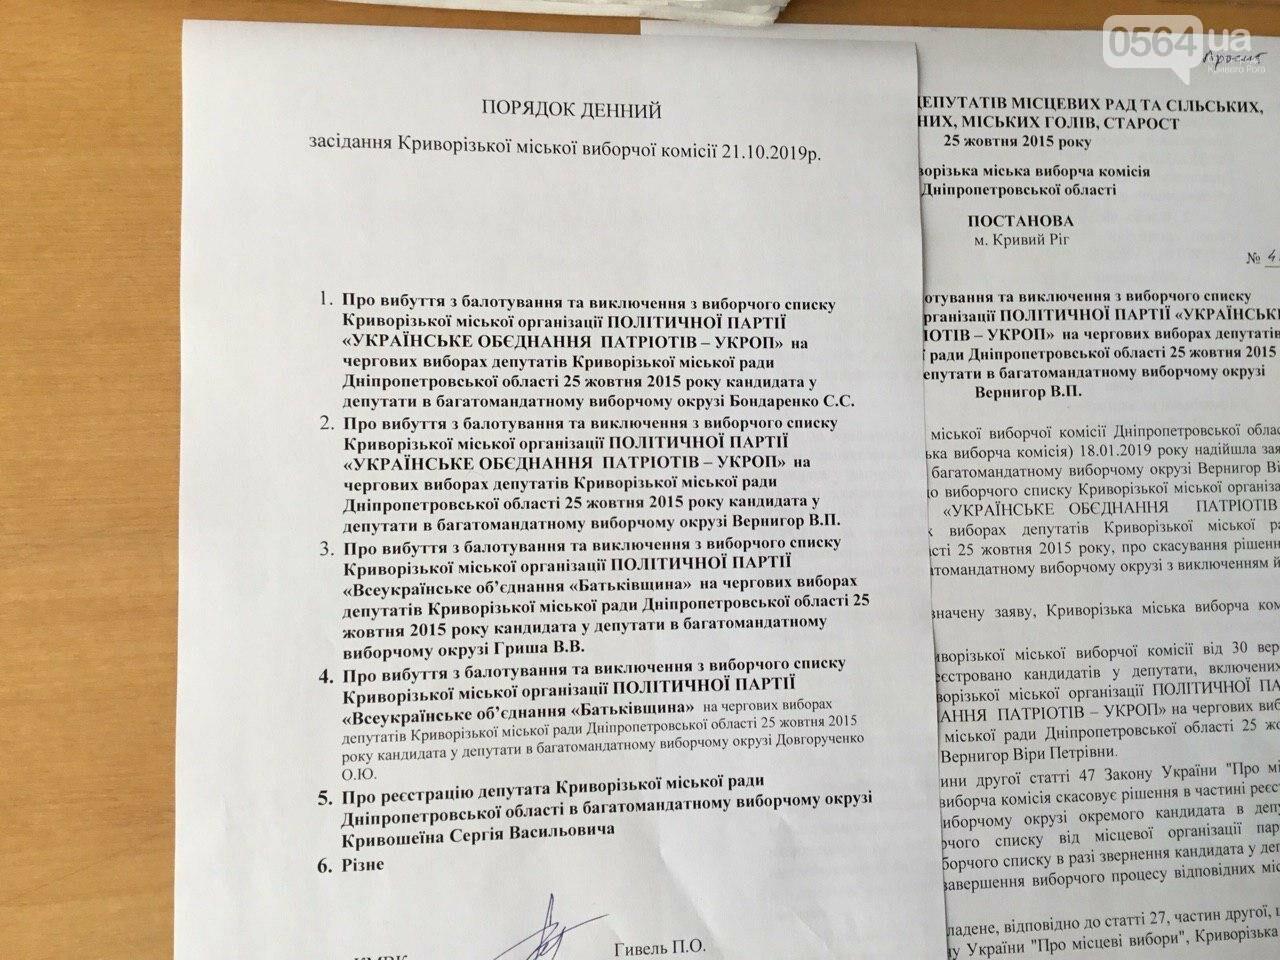 Стало известно, кто зайдет в Криворожский горсовет вместо депутата Михаила Карого, - ФОТО, фото-1